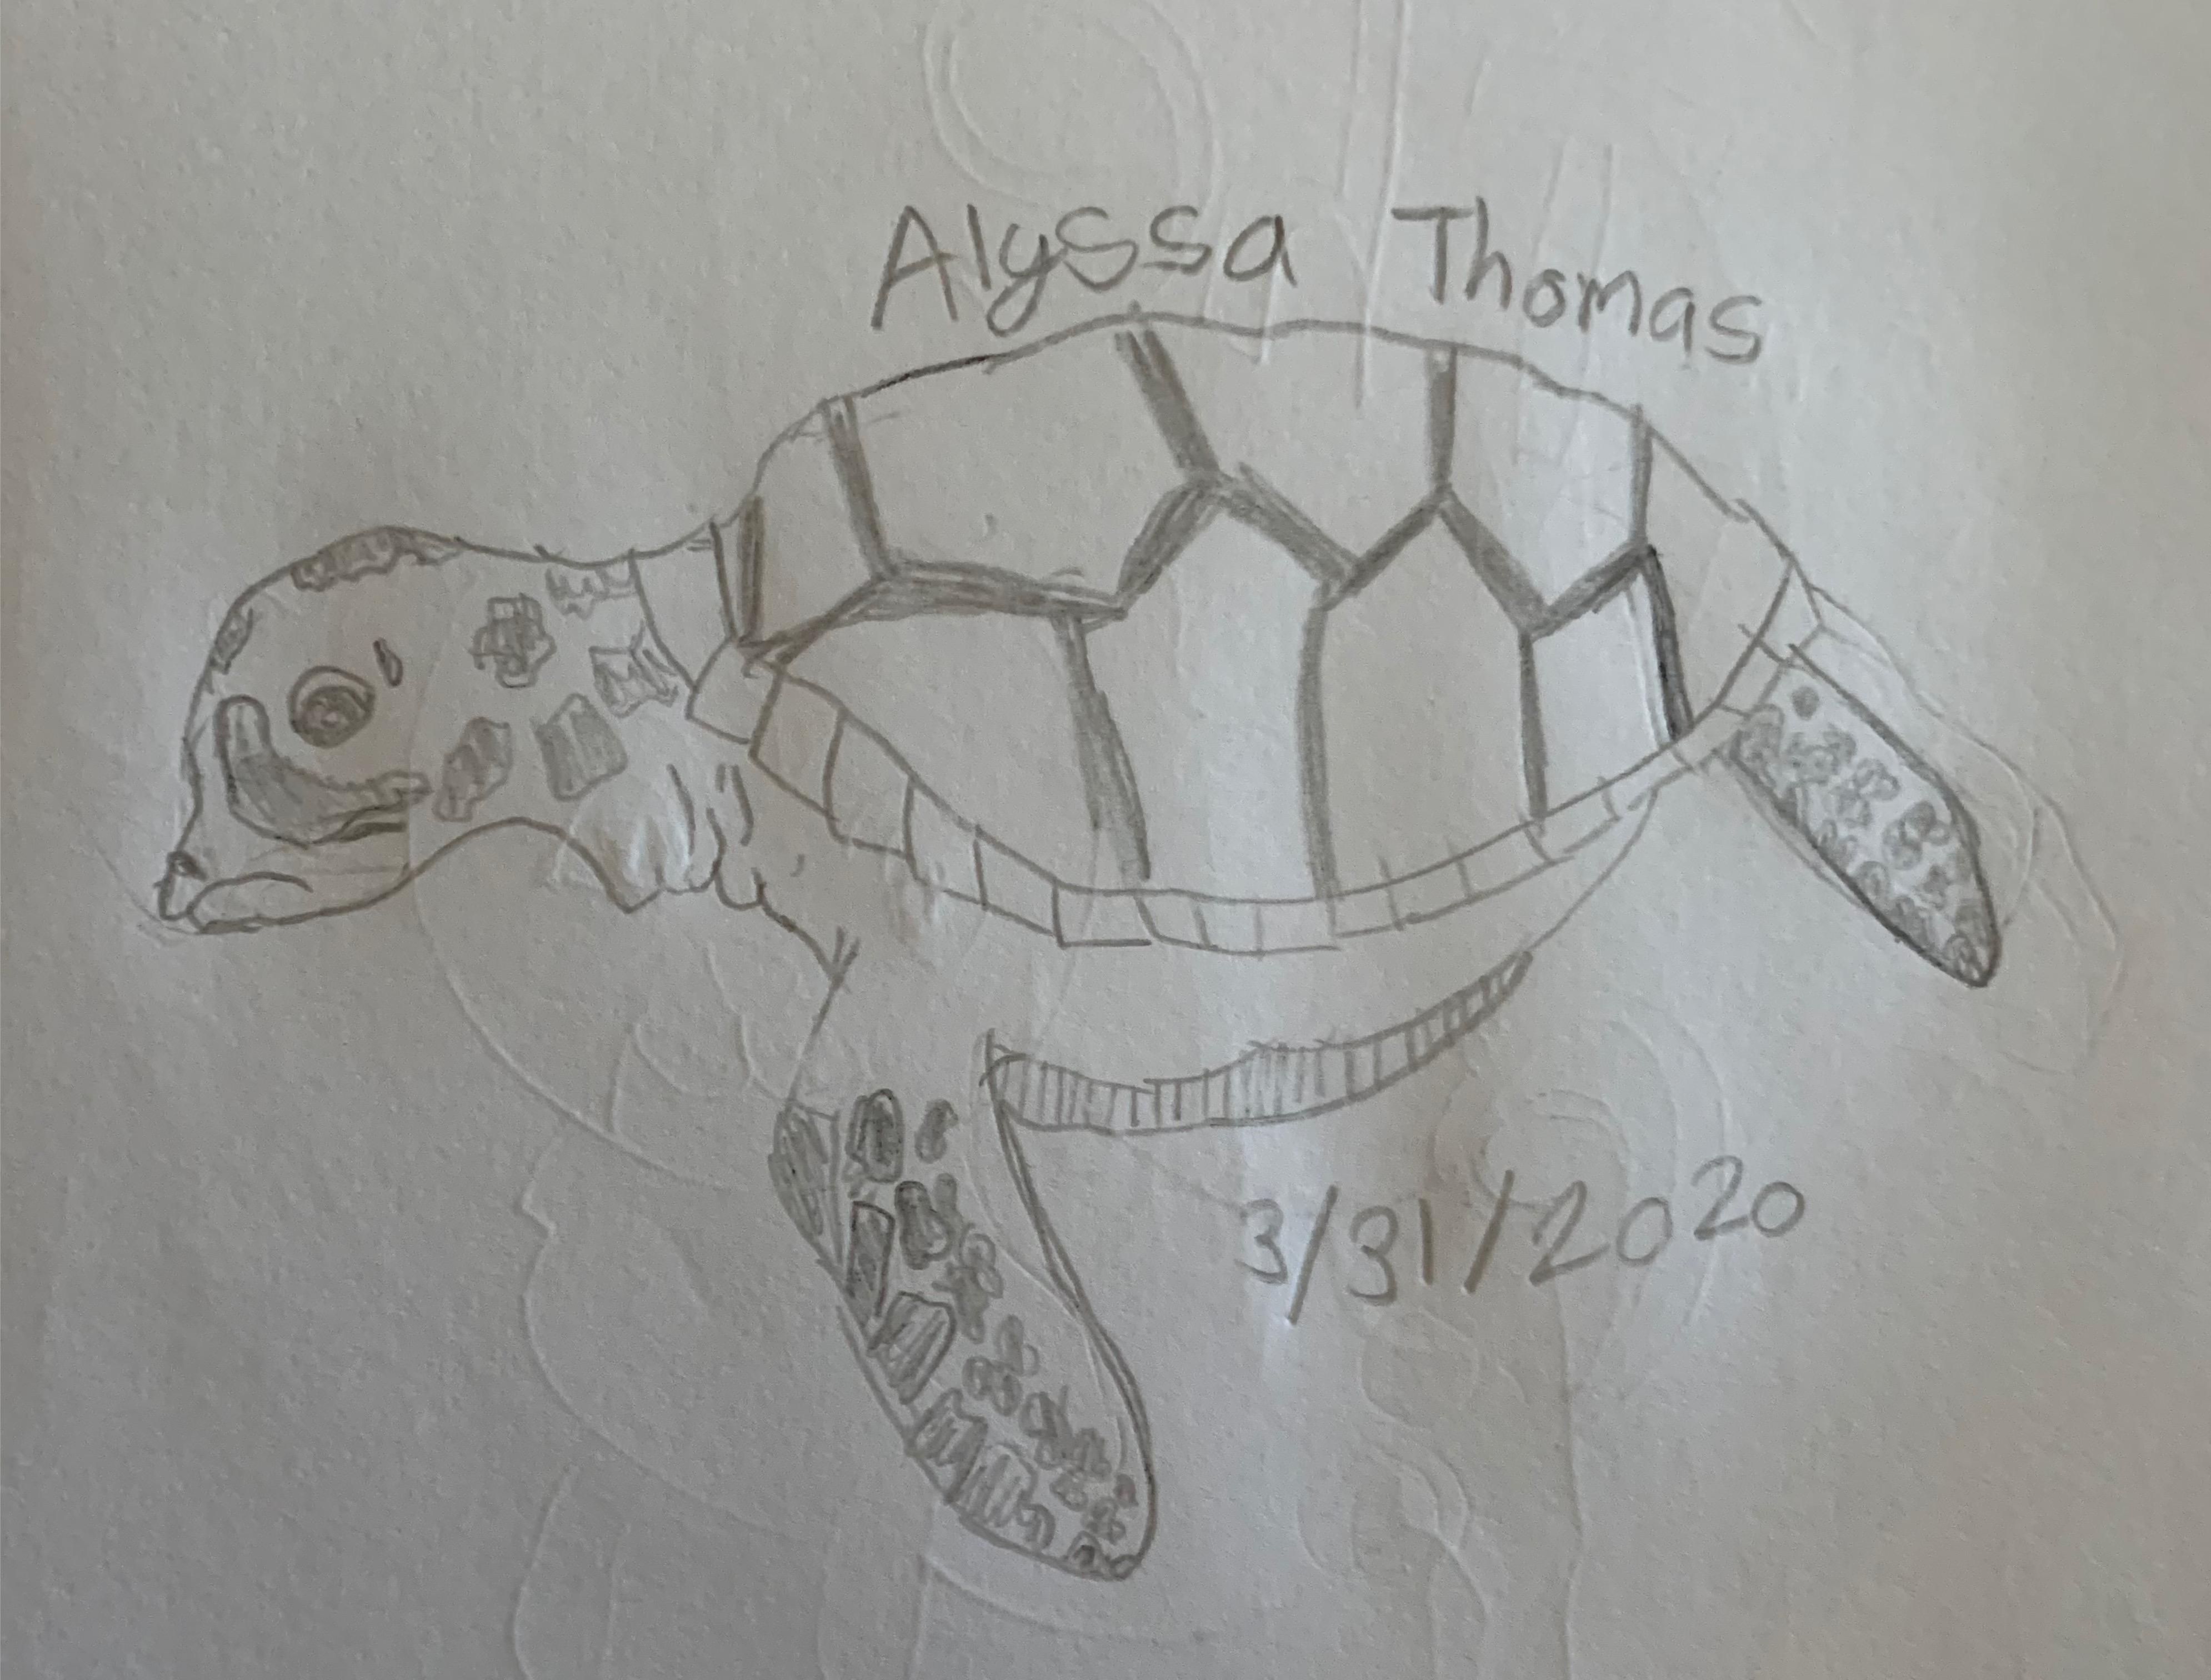 Alyssa T